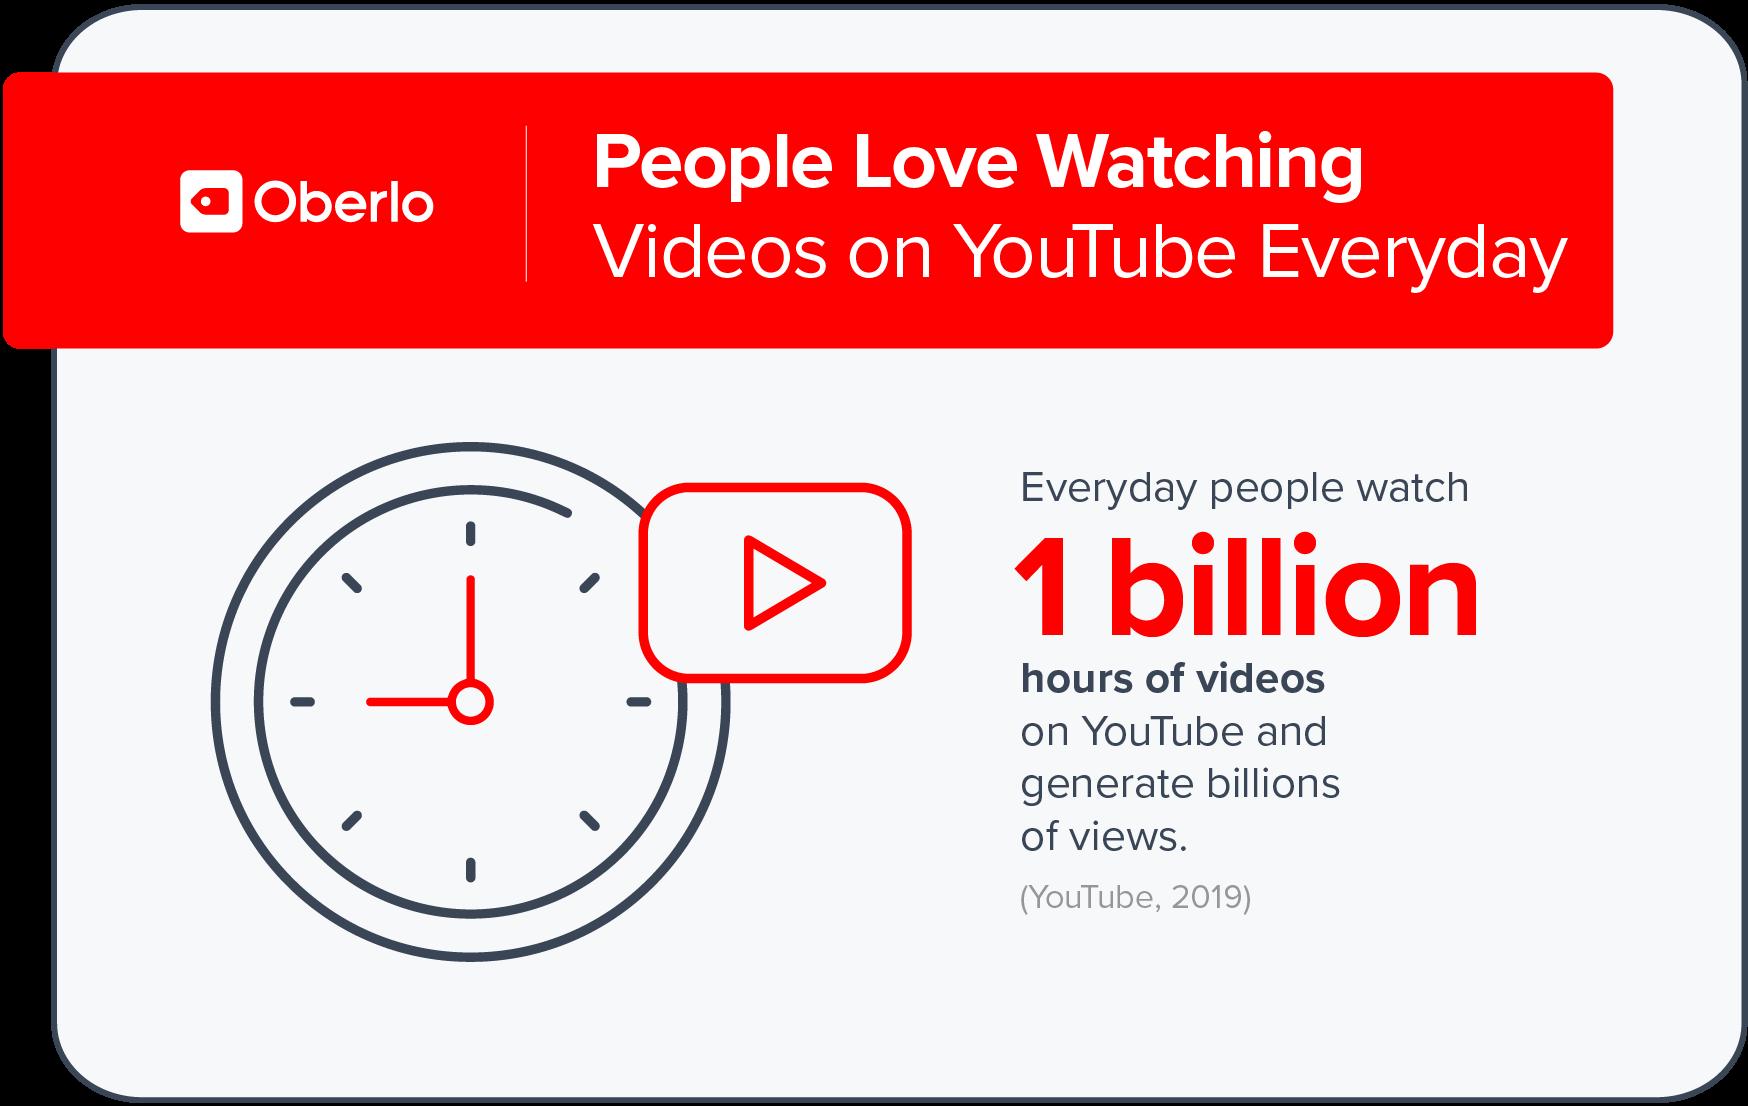 Statistiche sull'utilizzo di Youtube